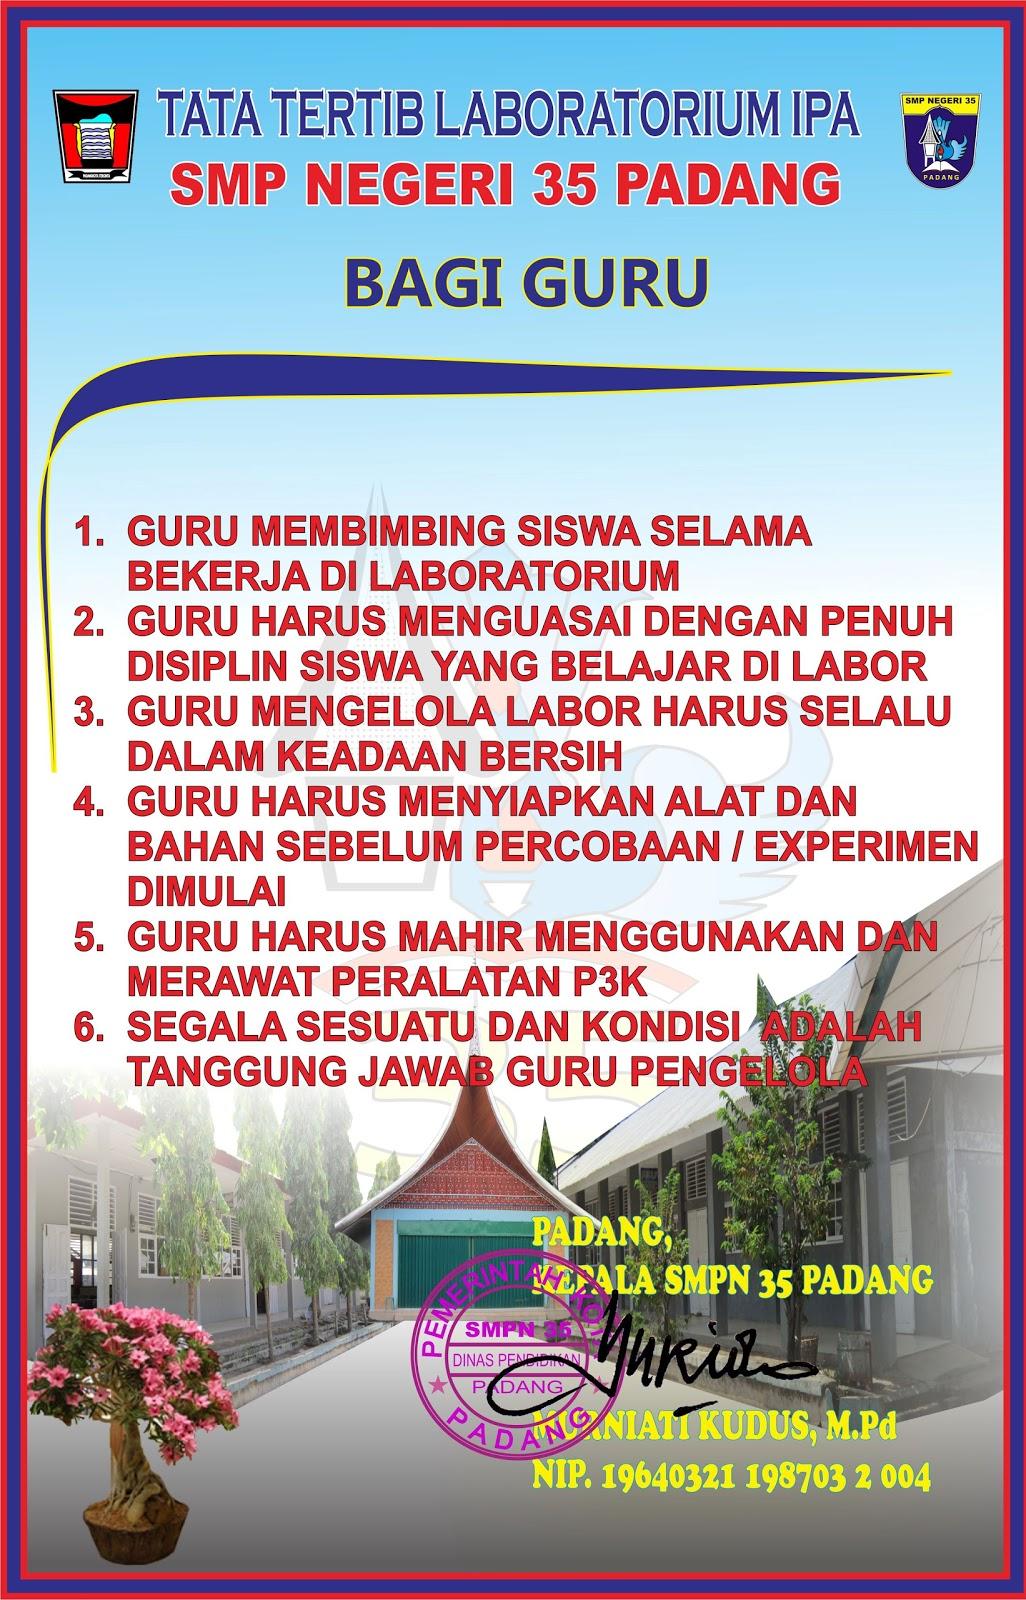 Silabus Sd Kelas 1 Mata Pelajaran Ipa Mata Pelajaran Bahasa Indonesia Sd Mi Share The Knownledge